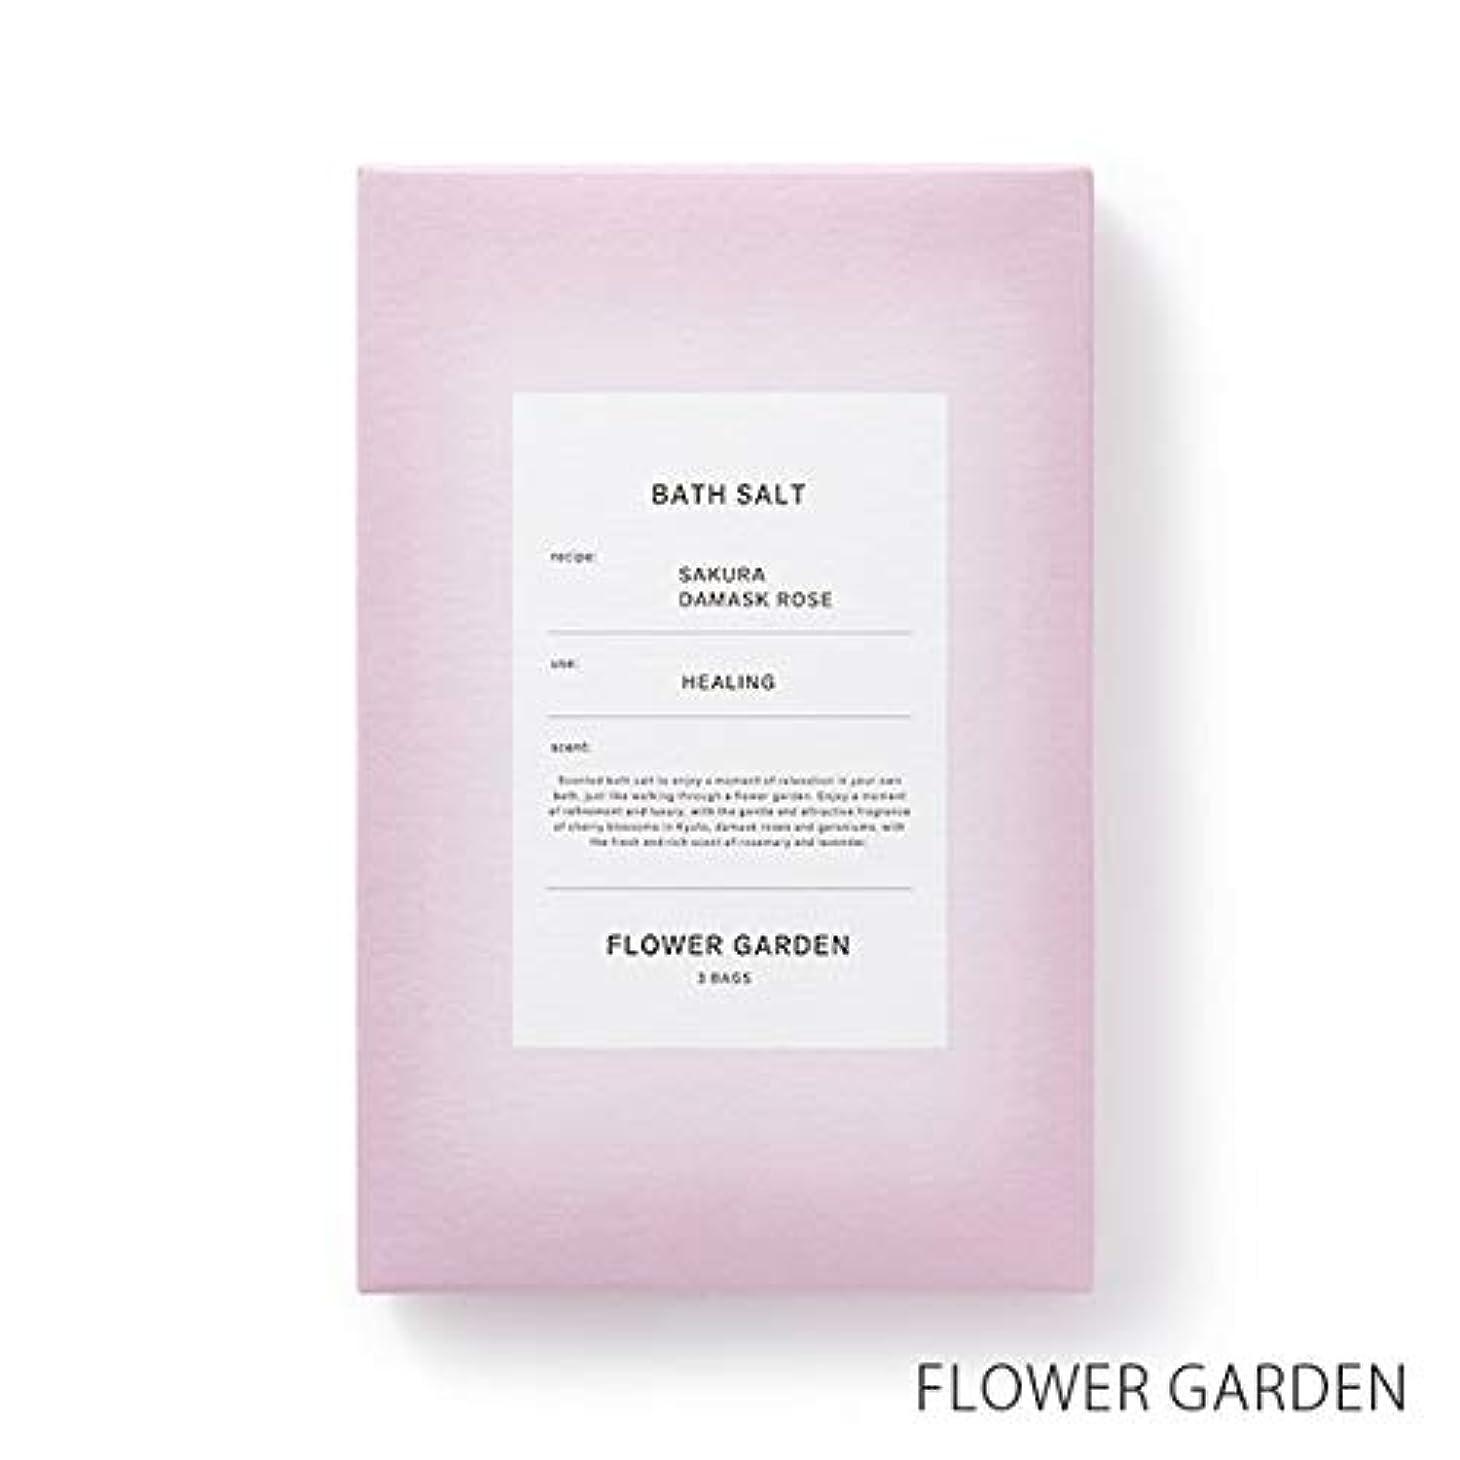 パケット息切れ厳しい【薫玉堂】 バスソルト FLOWER GARDEN 花の庭 ピンク 和 桜の香り